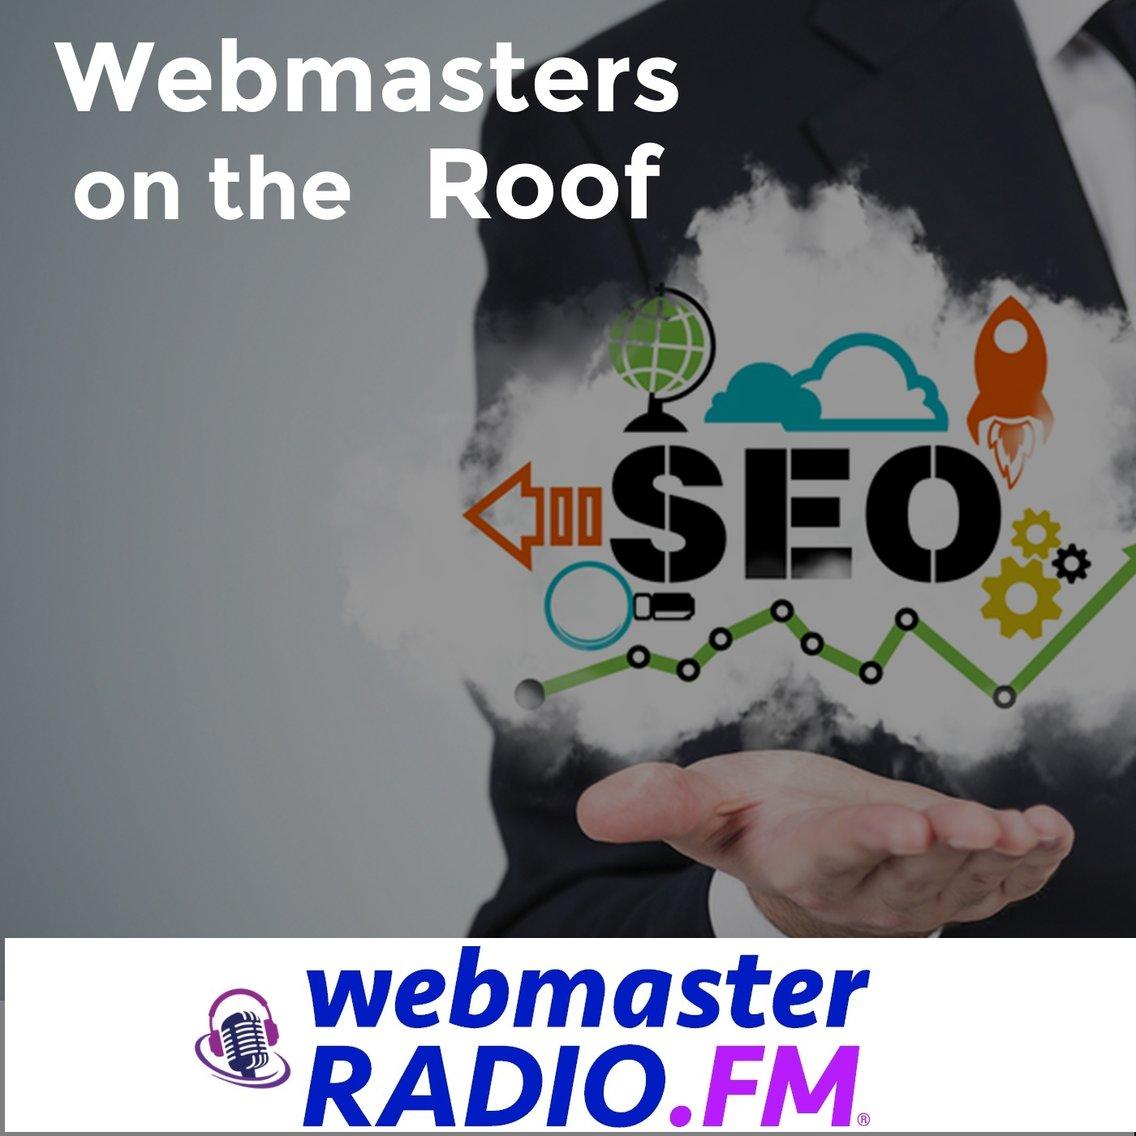 Webmasters on the Roof - imagen de portada